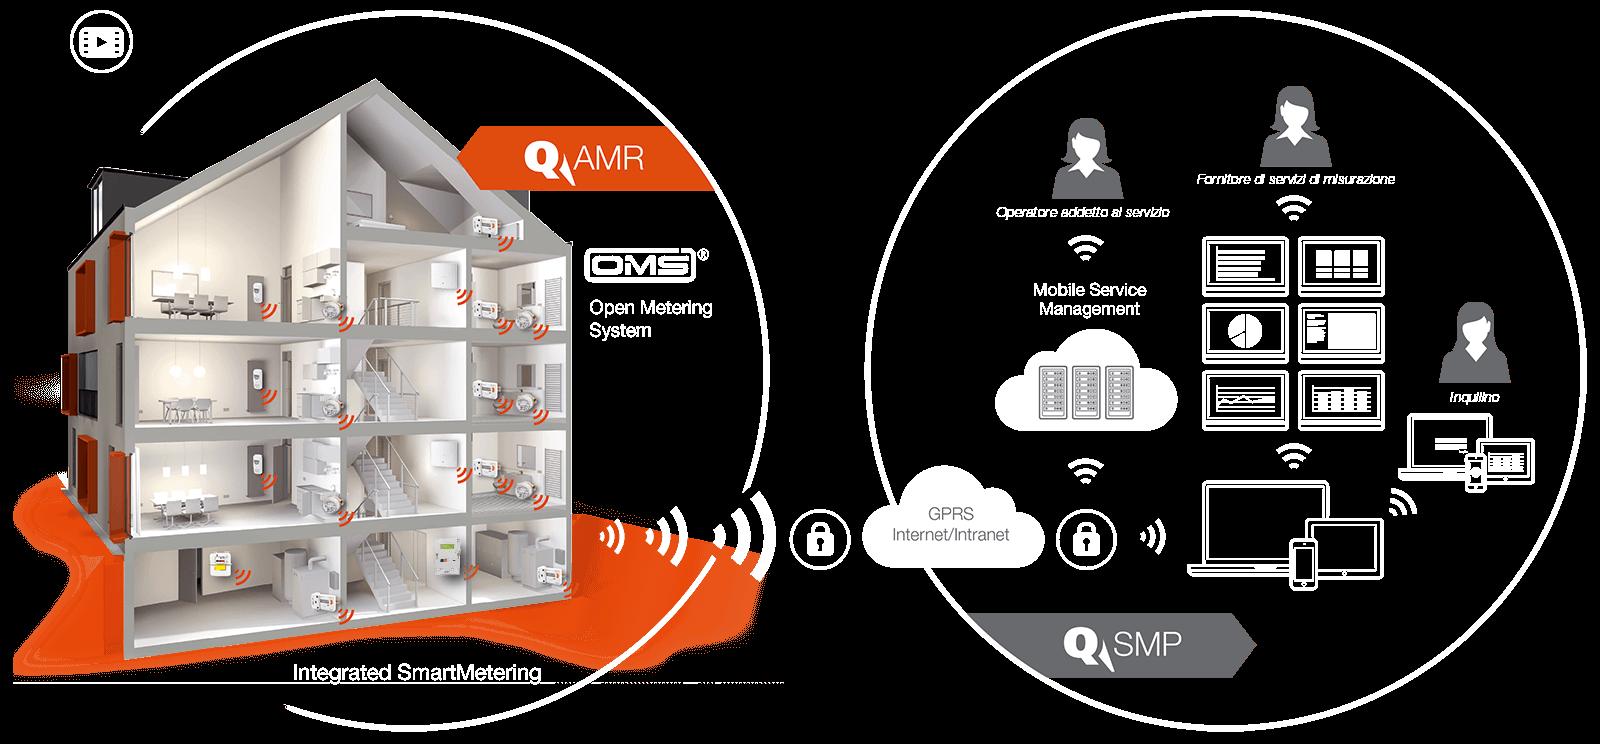 Grafik_System_AMR-SMP_it_orange